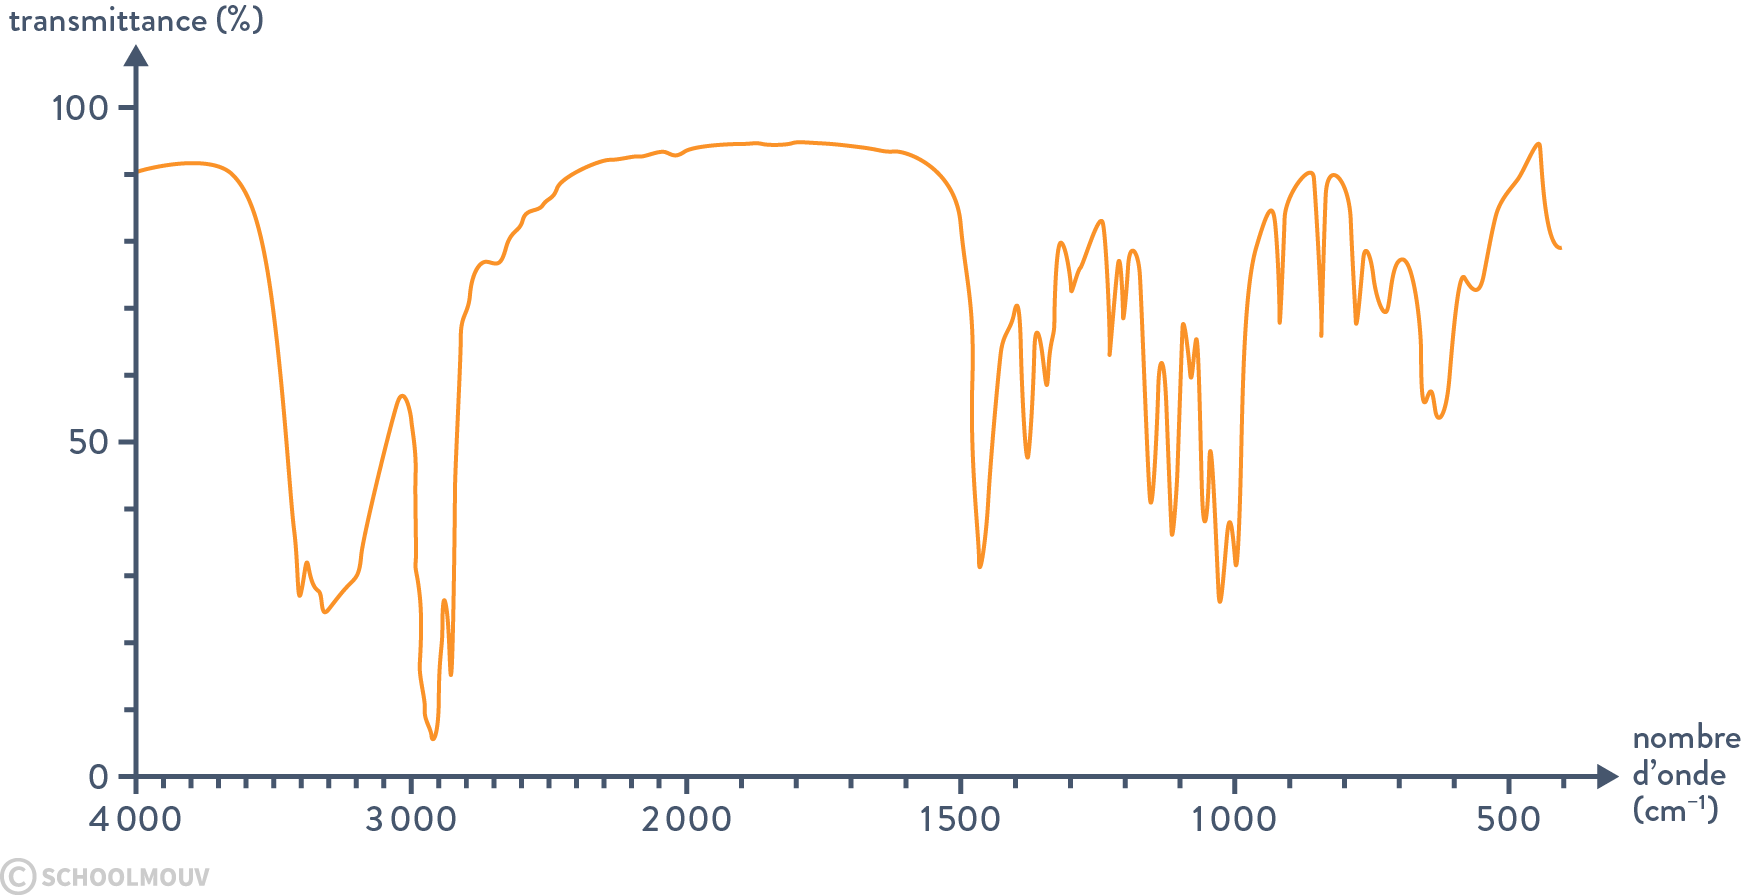 physique chimie terminale propriétés spectrales des substances chimiques et solutions transmittance spectre d'absorption IR